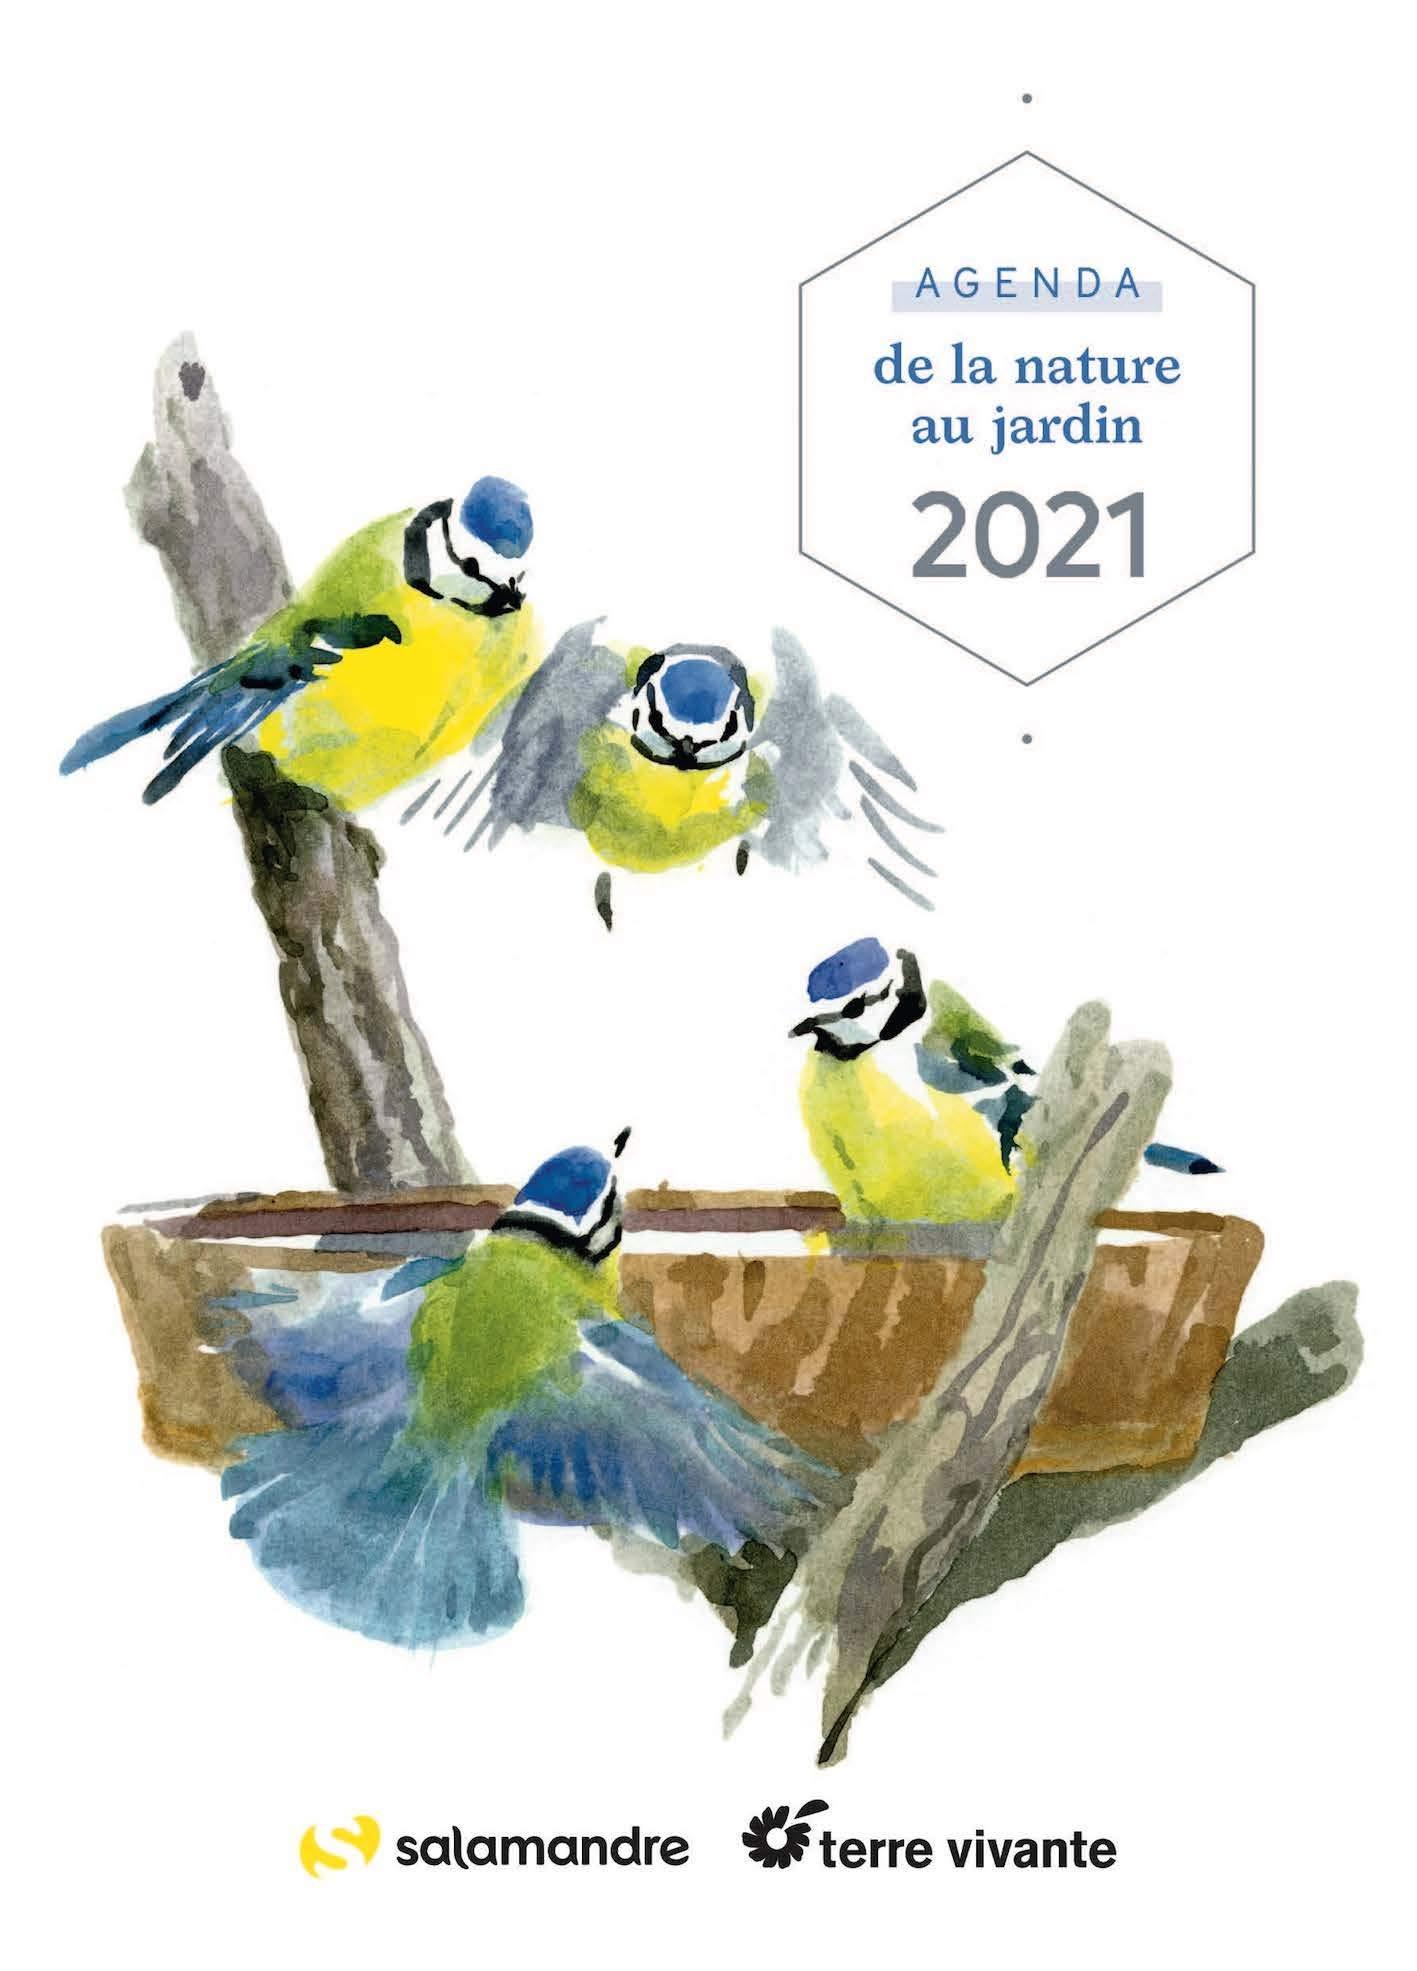 Agenda 2021 de la nature au jardin